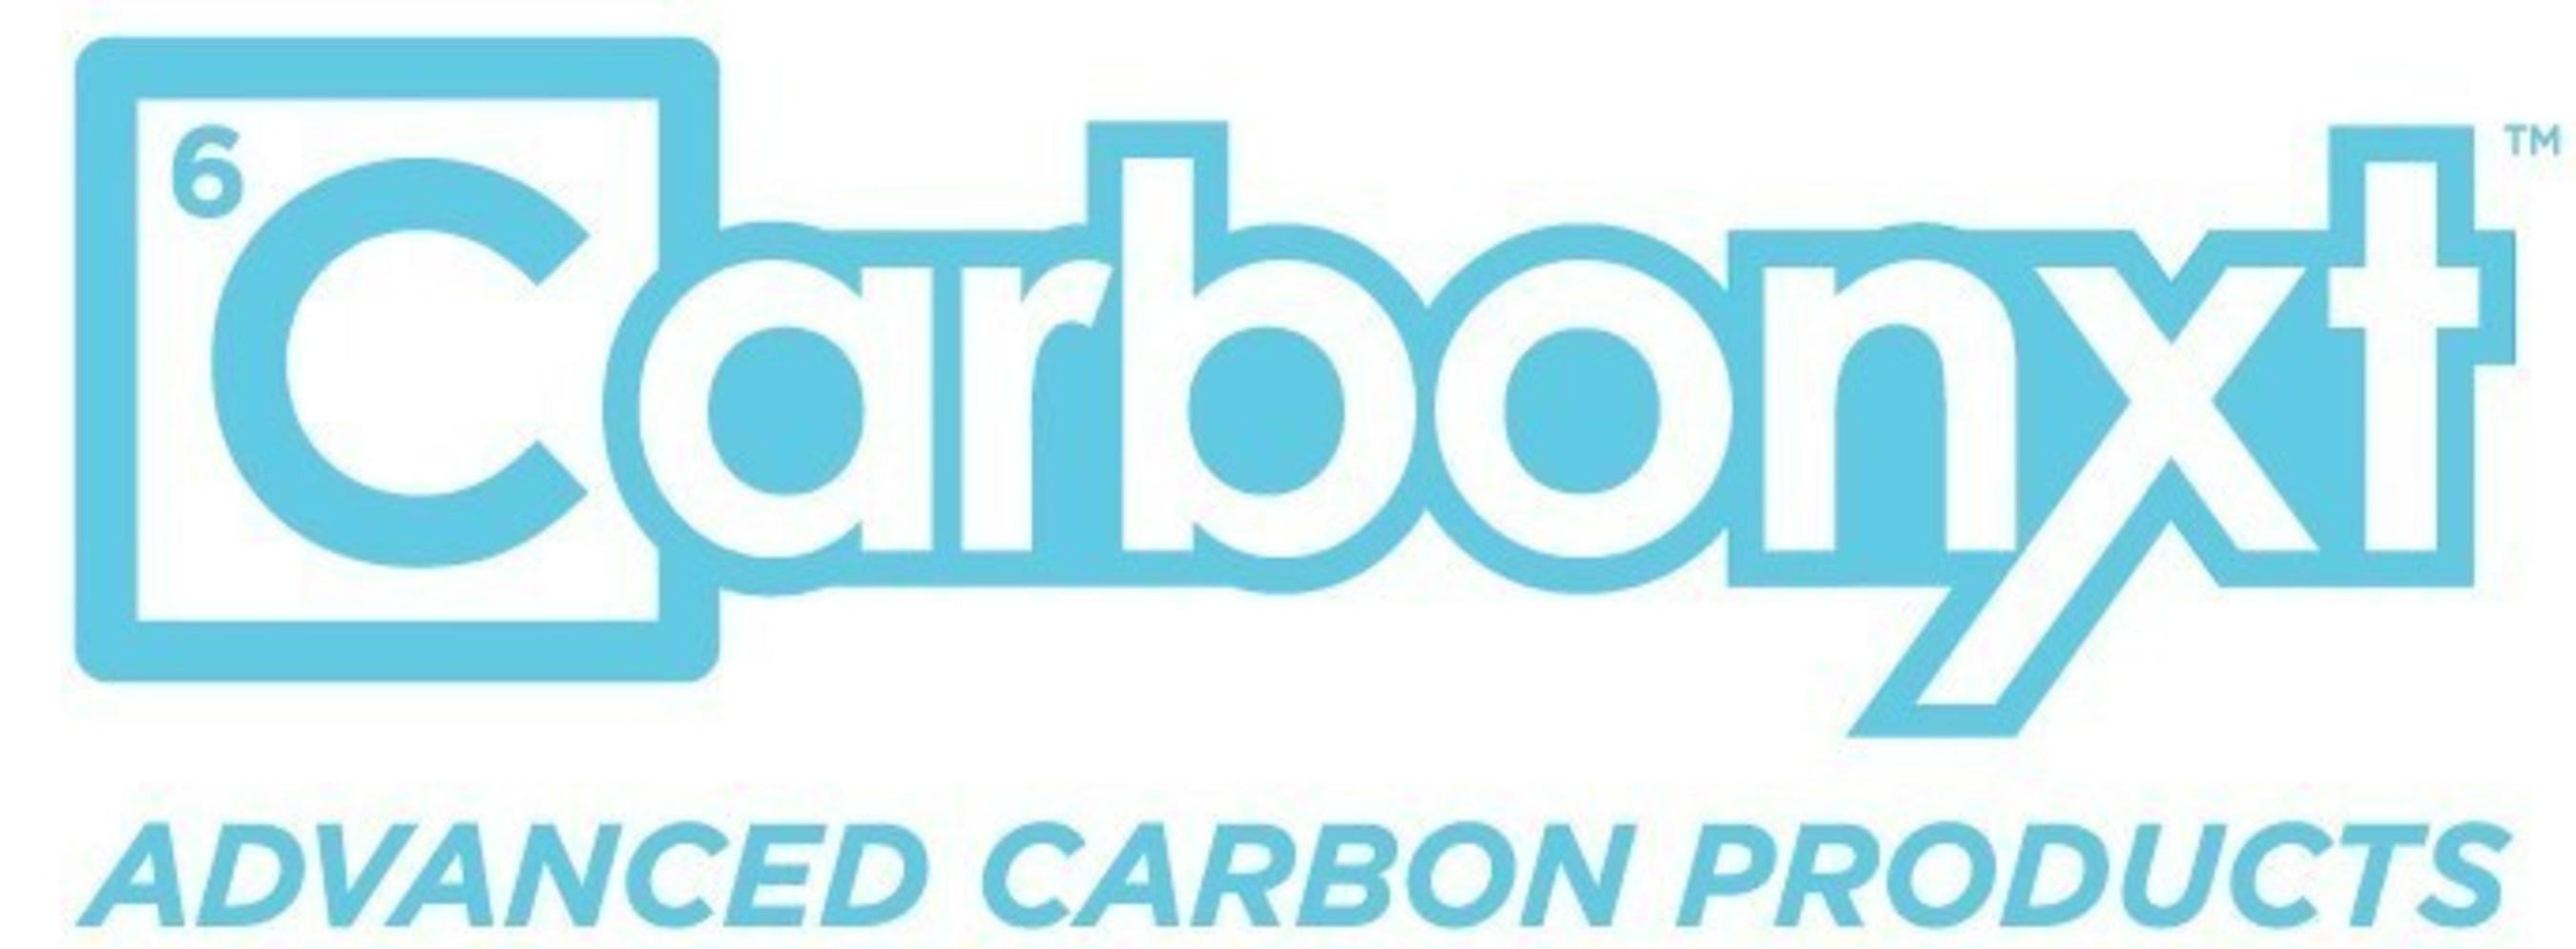 Carbonxt, Inc. Advance Carbonxt Products